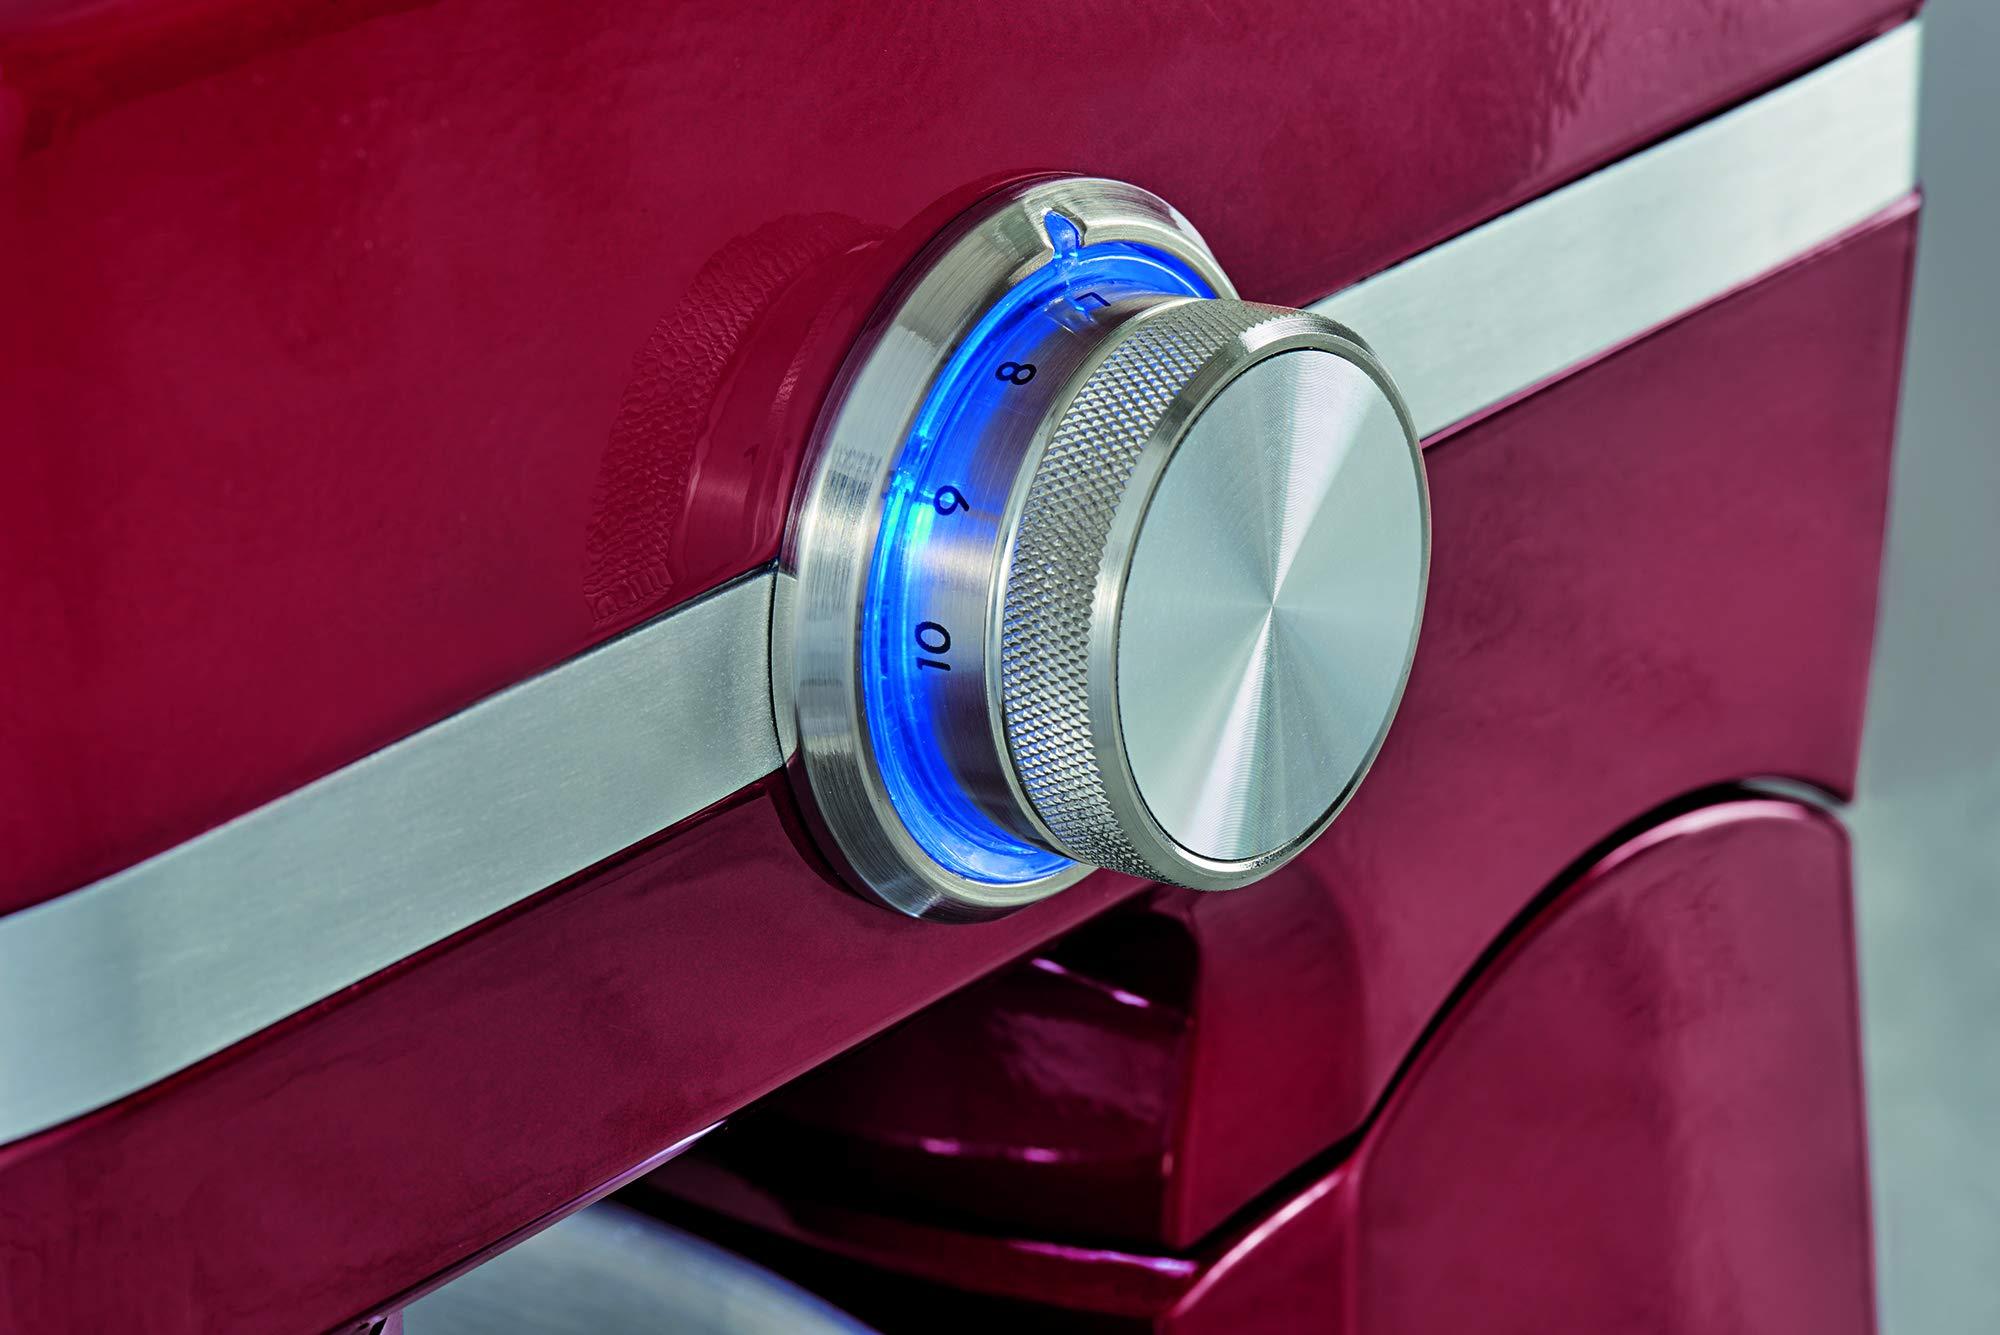 AEG-Kchenmaschine-UltraMix-KM-40001000-Watt-48-Liter-Edelstahl-Rhrschssel-10-GeschwindigkeitsstufenRobustes-Vollmetall-GehuseInkl-umfangreiches-Zubehr